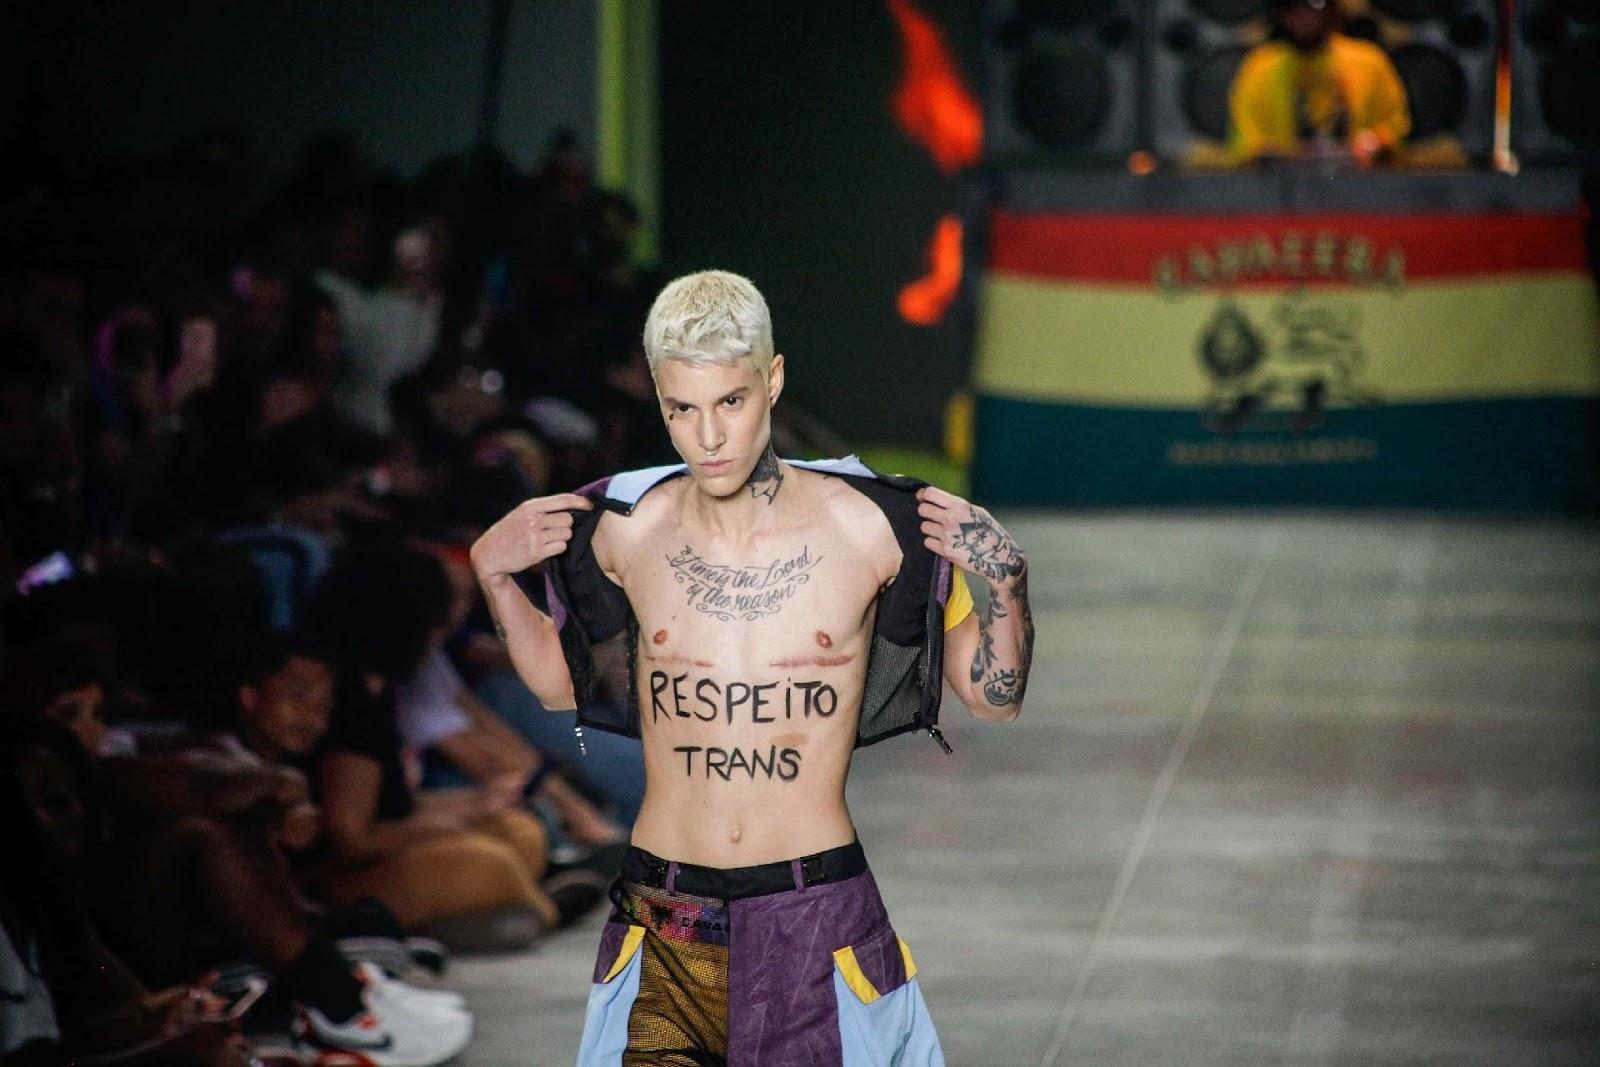 Modelo trans exibe marcas de retirada de seios em protesto na SPFW ...